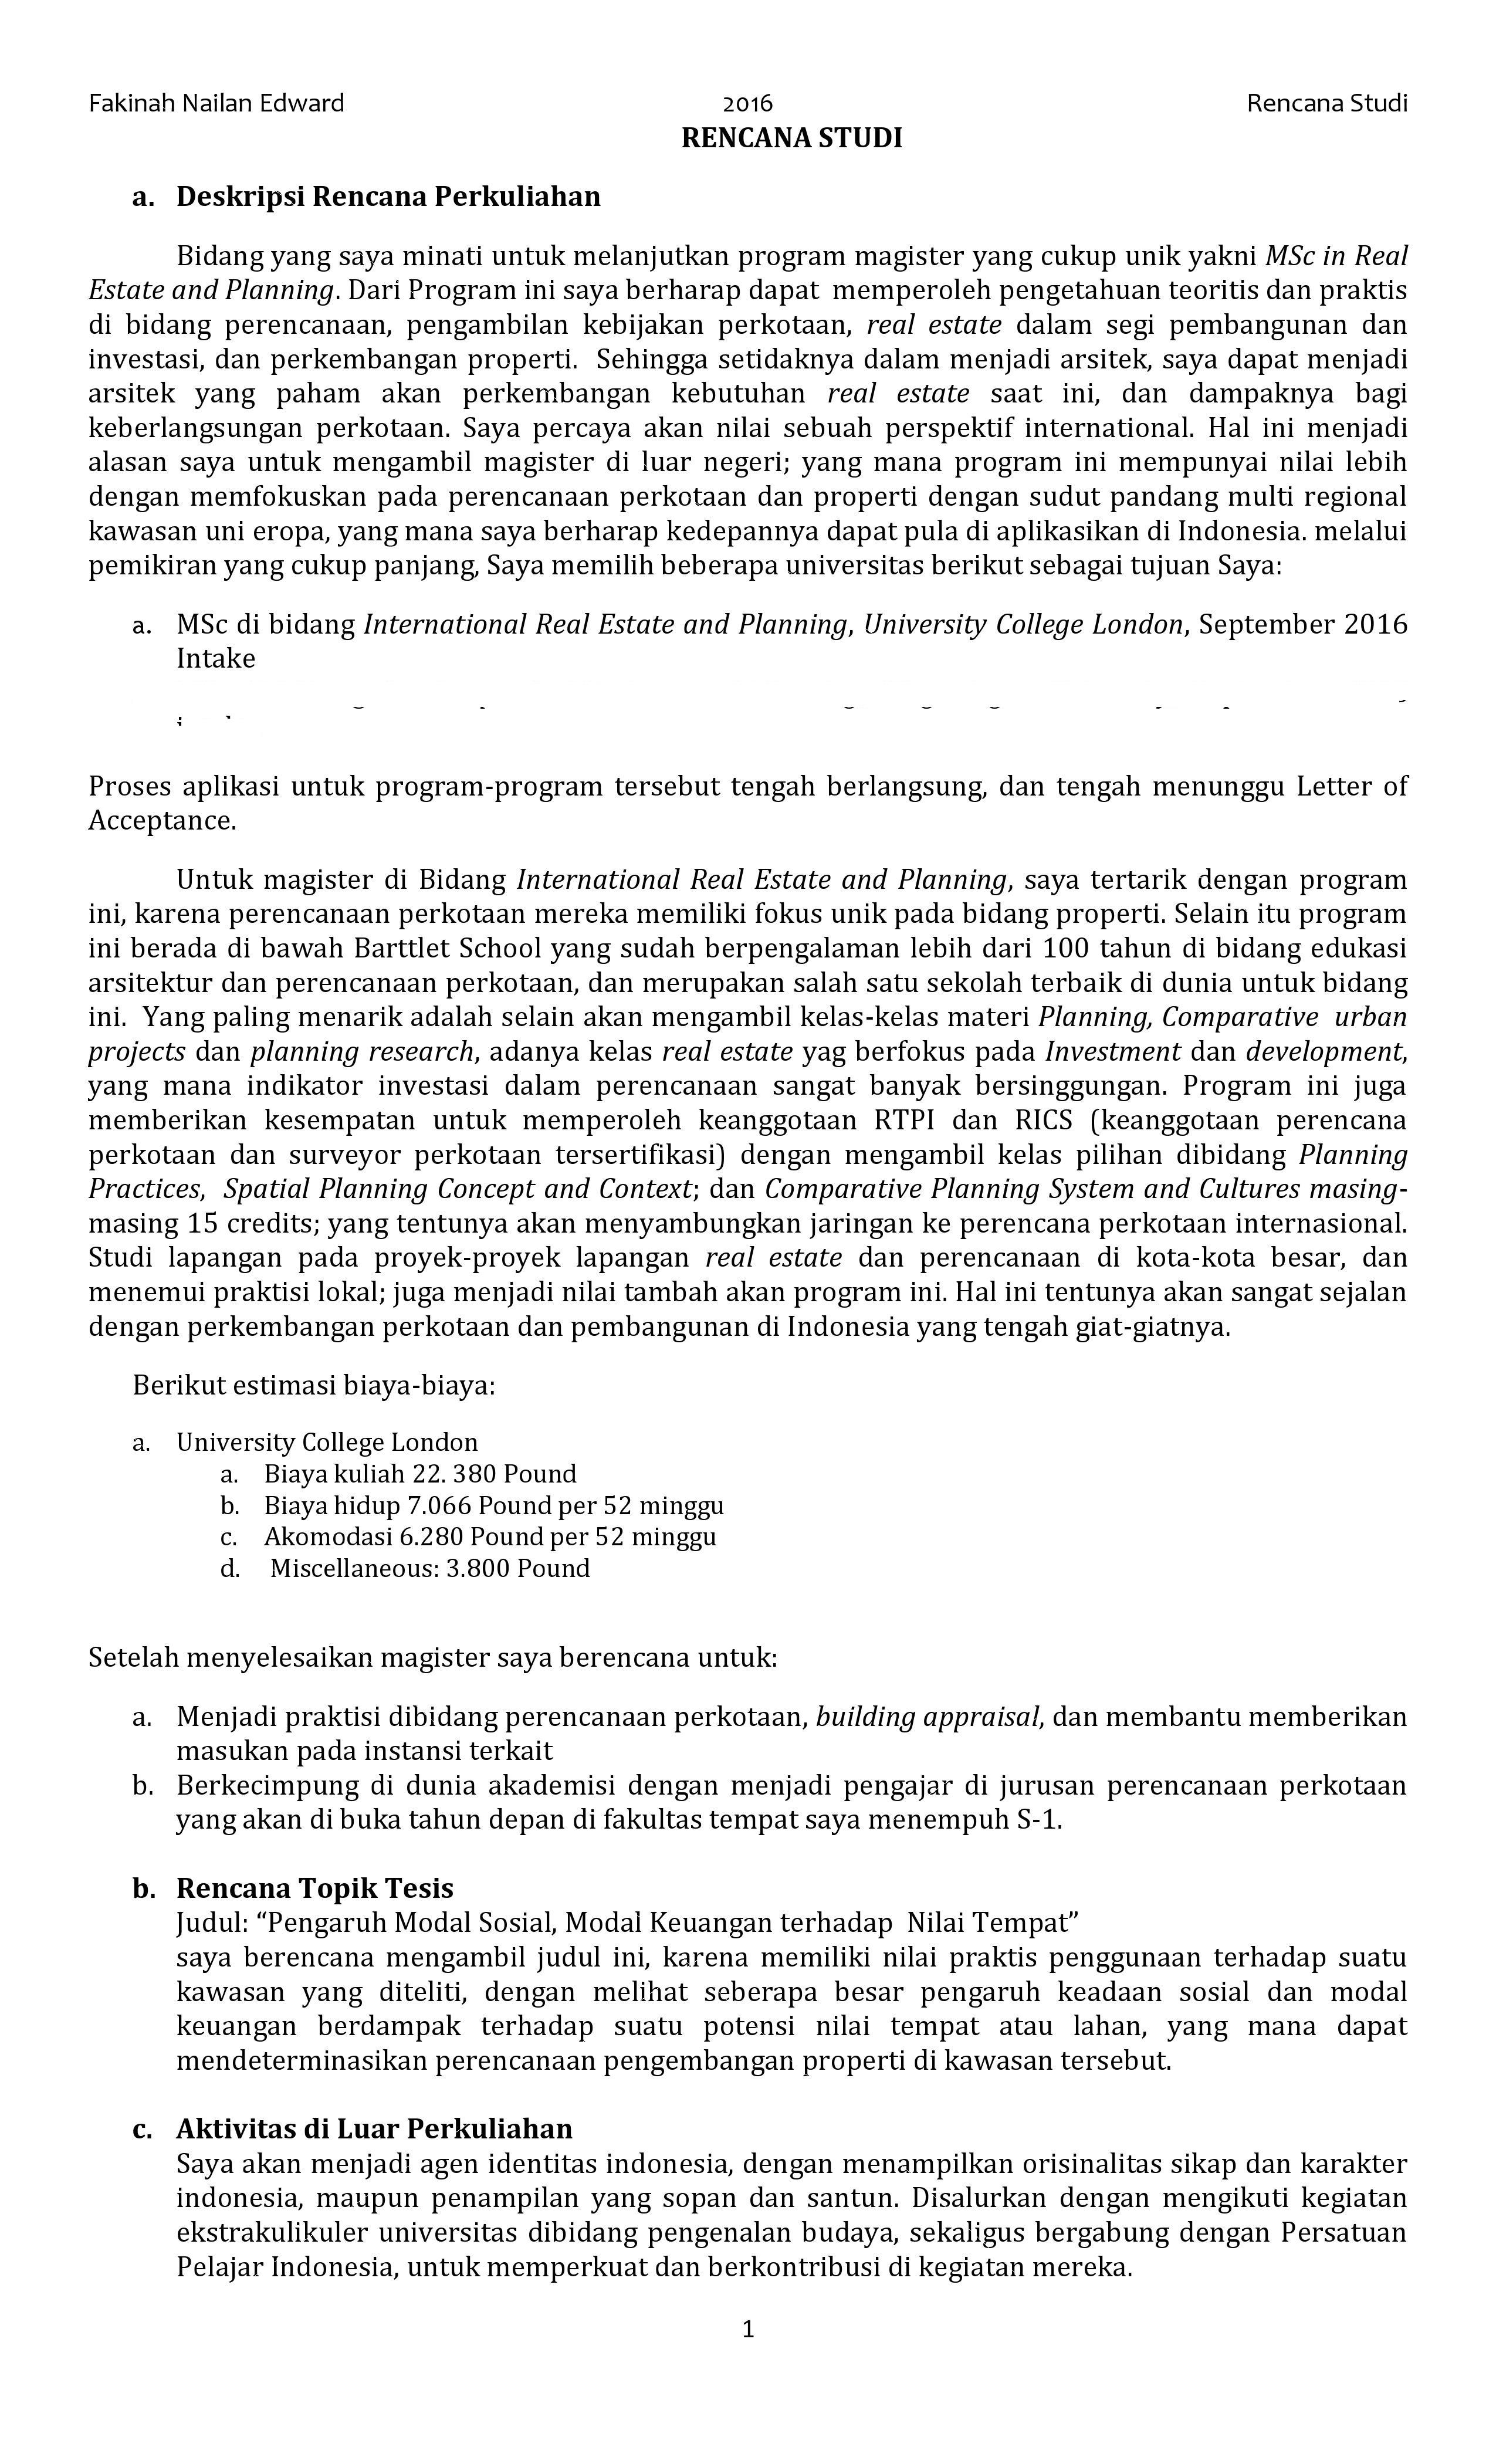 essay rencana penggunaan beasiswa